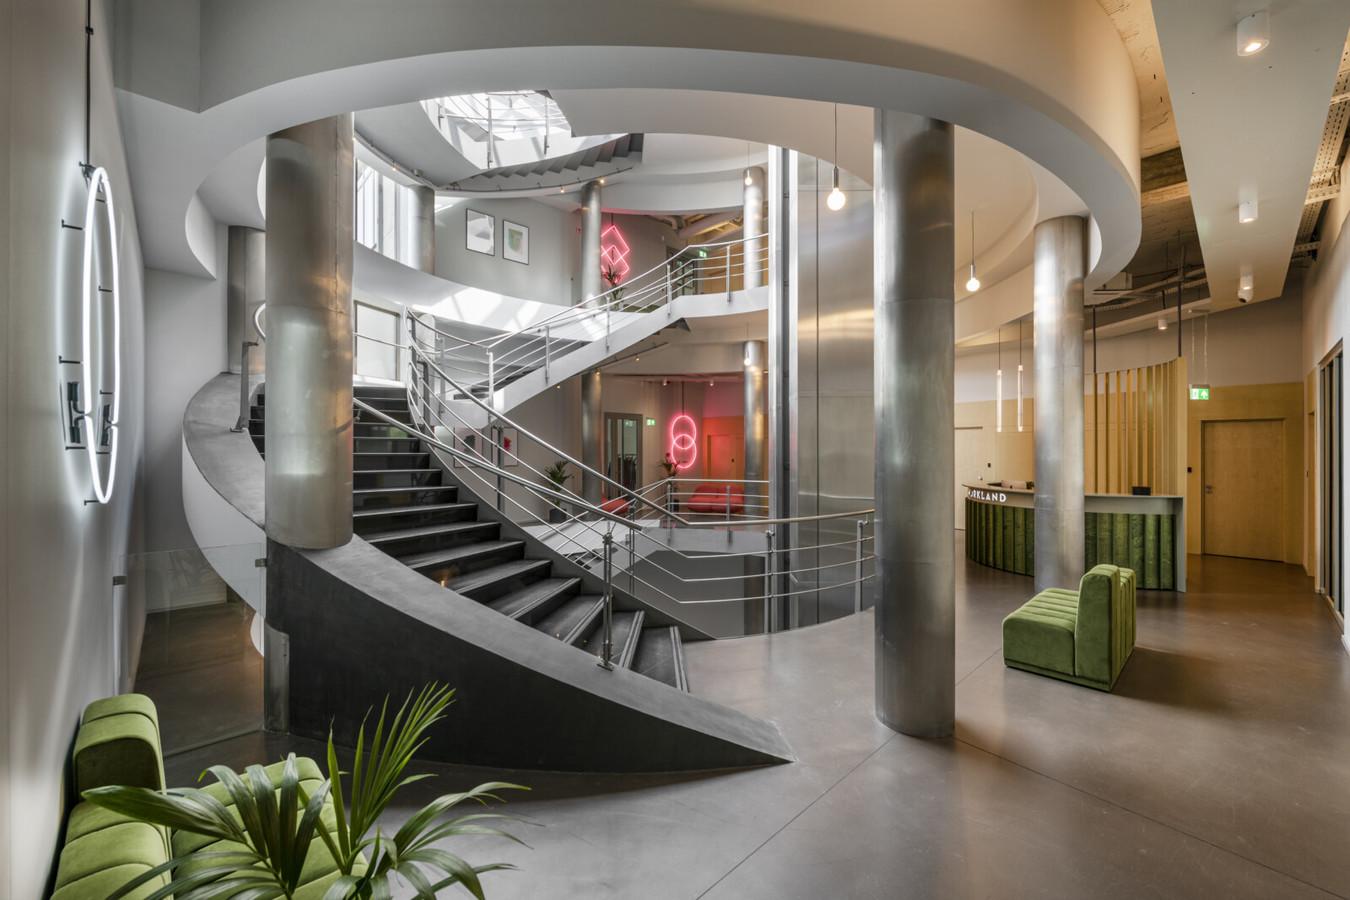 """ULTRATOP dekoratyvinio betono grindų danga. Natūralus efektas. Biurų kompleksas """"WORKLAND"""" Kaune. Architektai: Noarchitects Nuotraukos: Leonas Garbačauskas"""